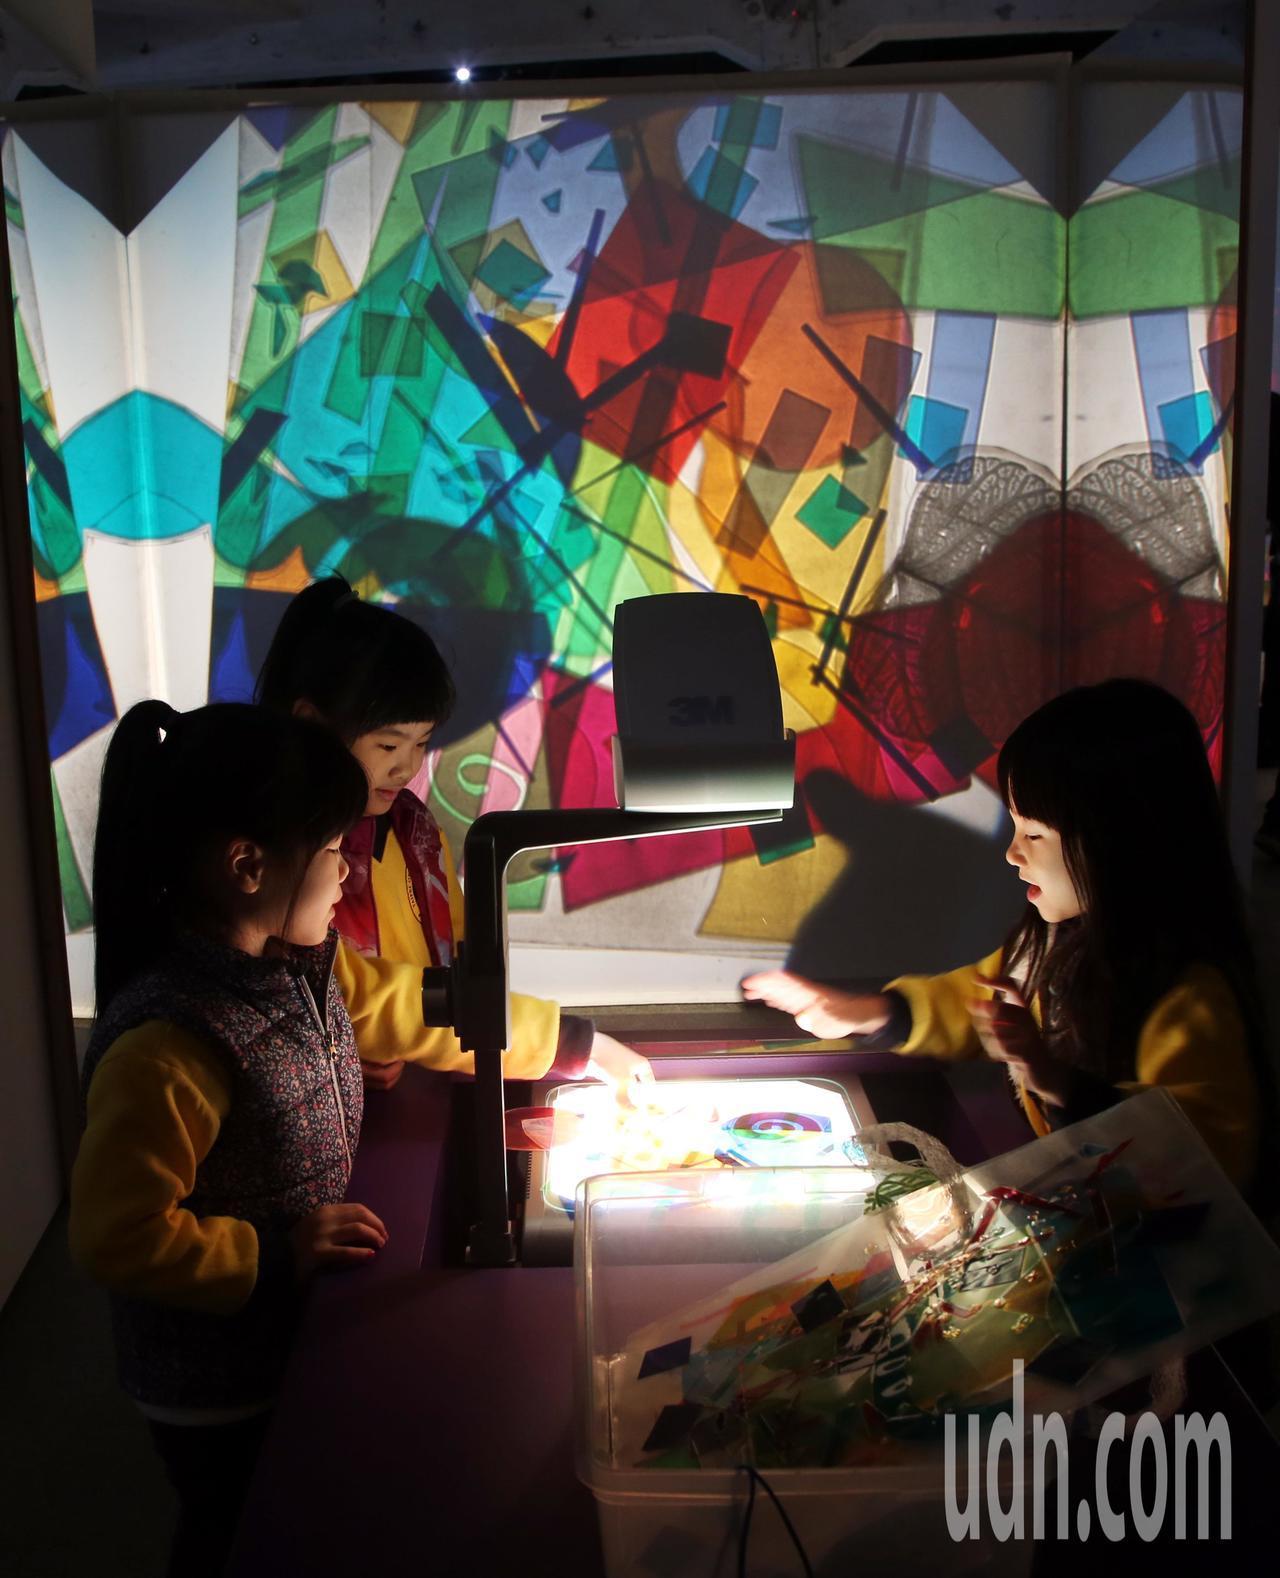 由聯合數位文創所舉辦的「巴黎龐畢度 兒童藝術工作坊」開幕,讓小朋友在玩樂中學習。...